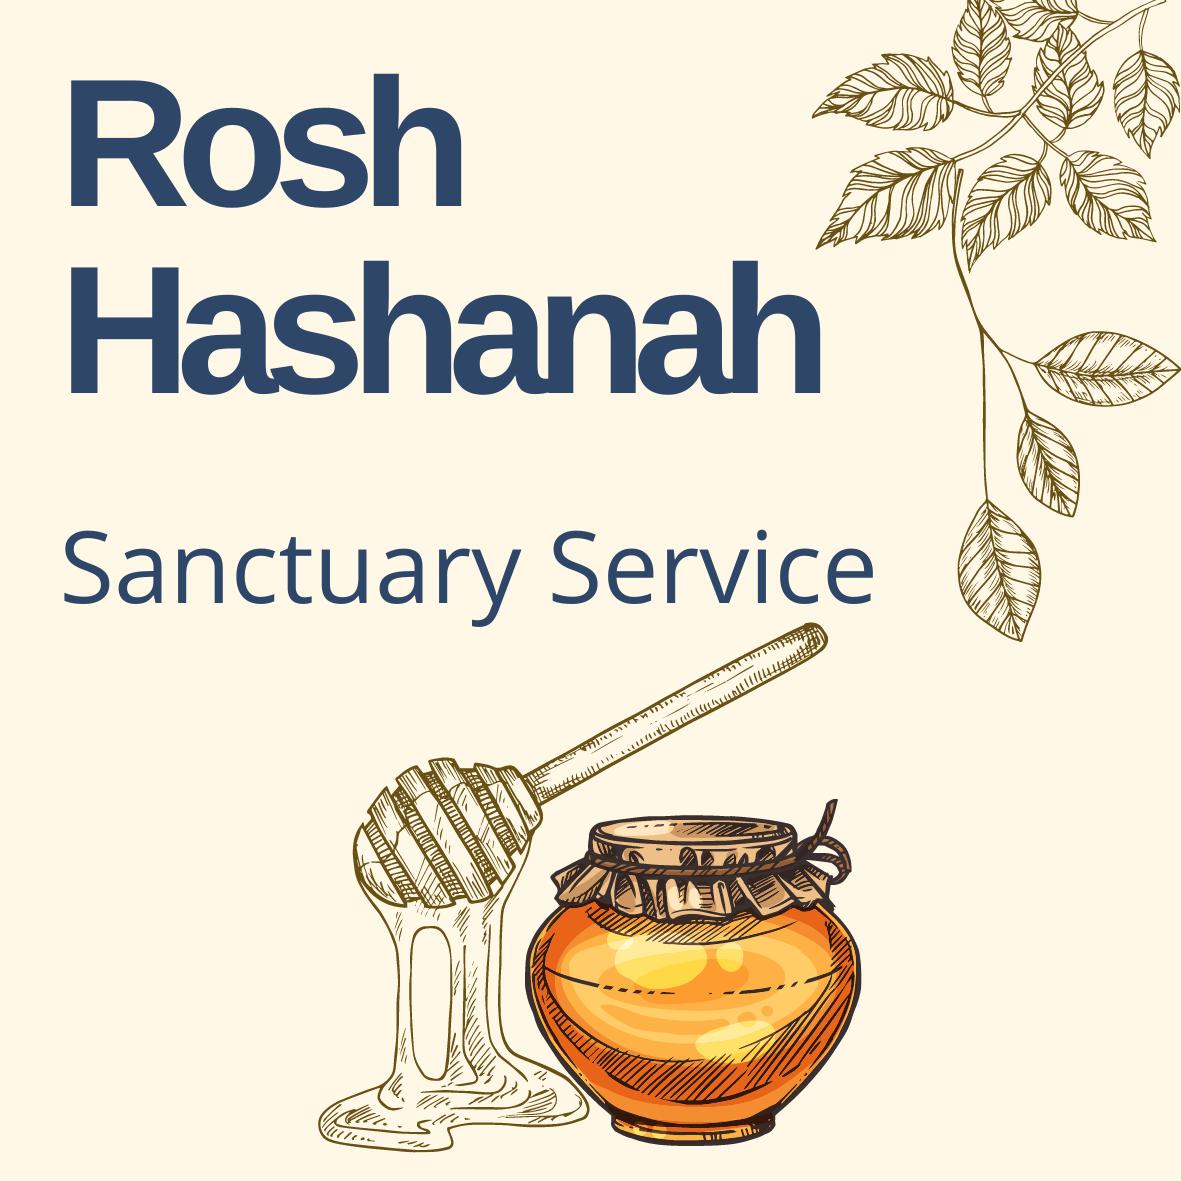 Rosh Hashanah Sanctuary Service